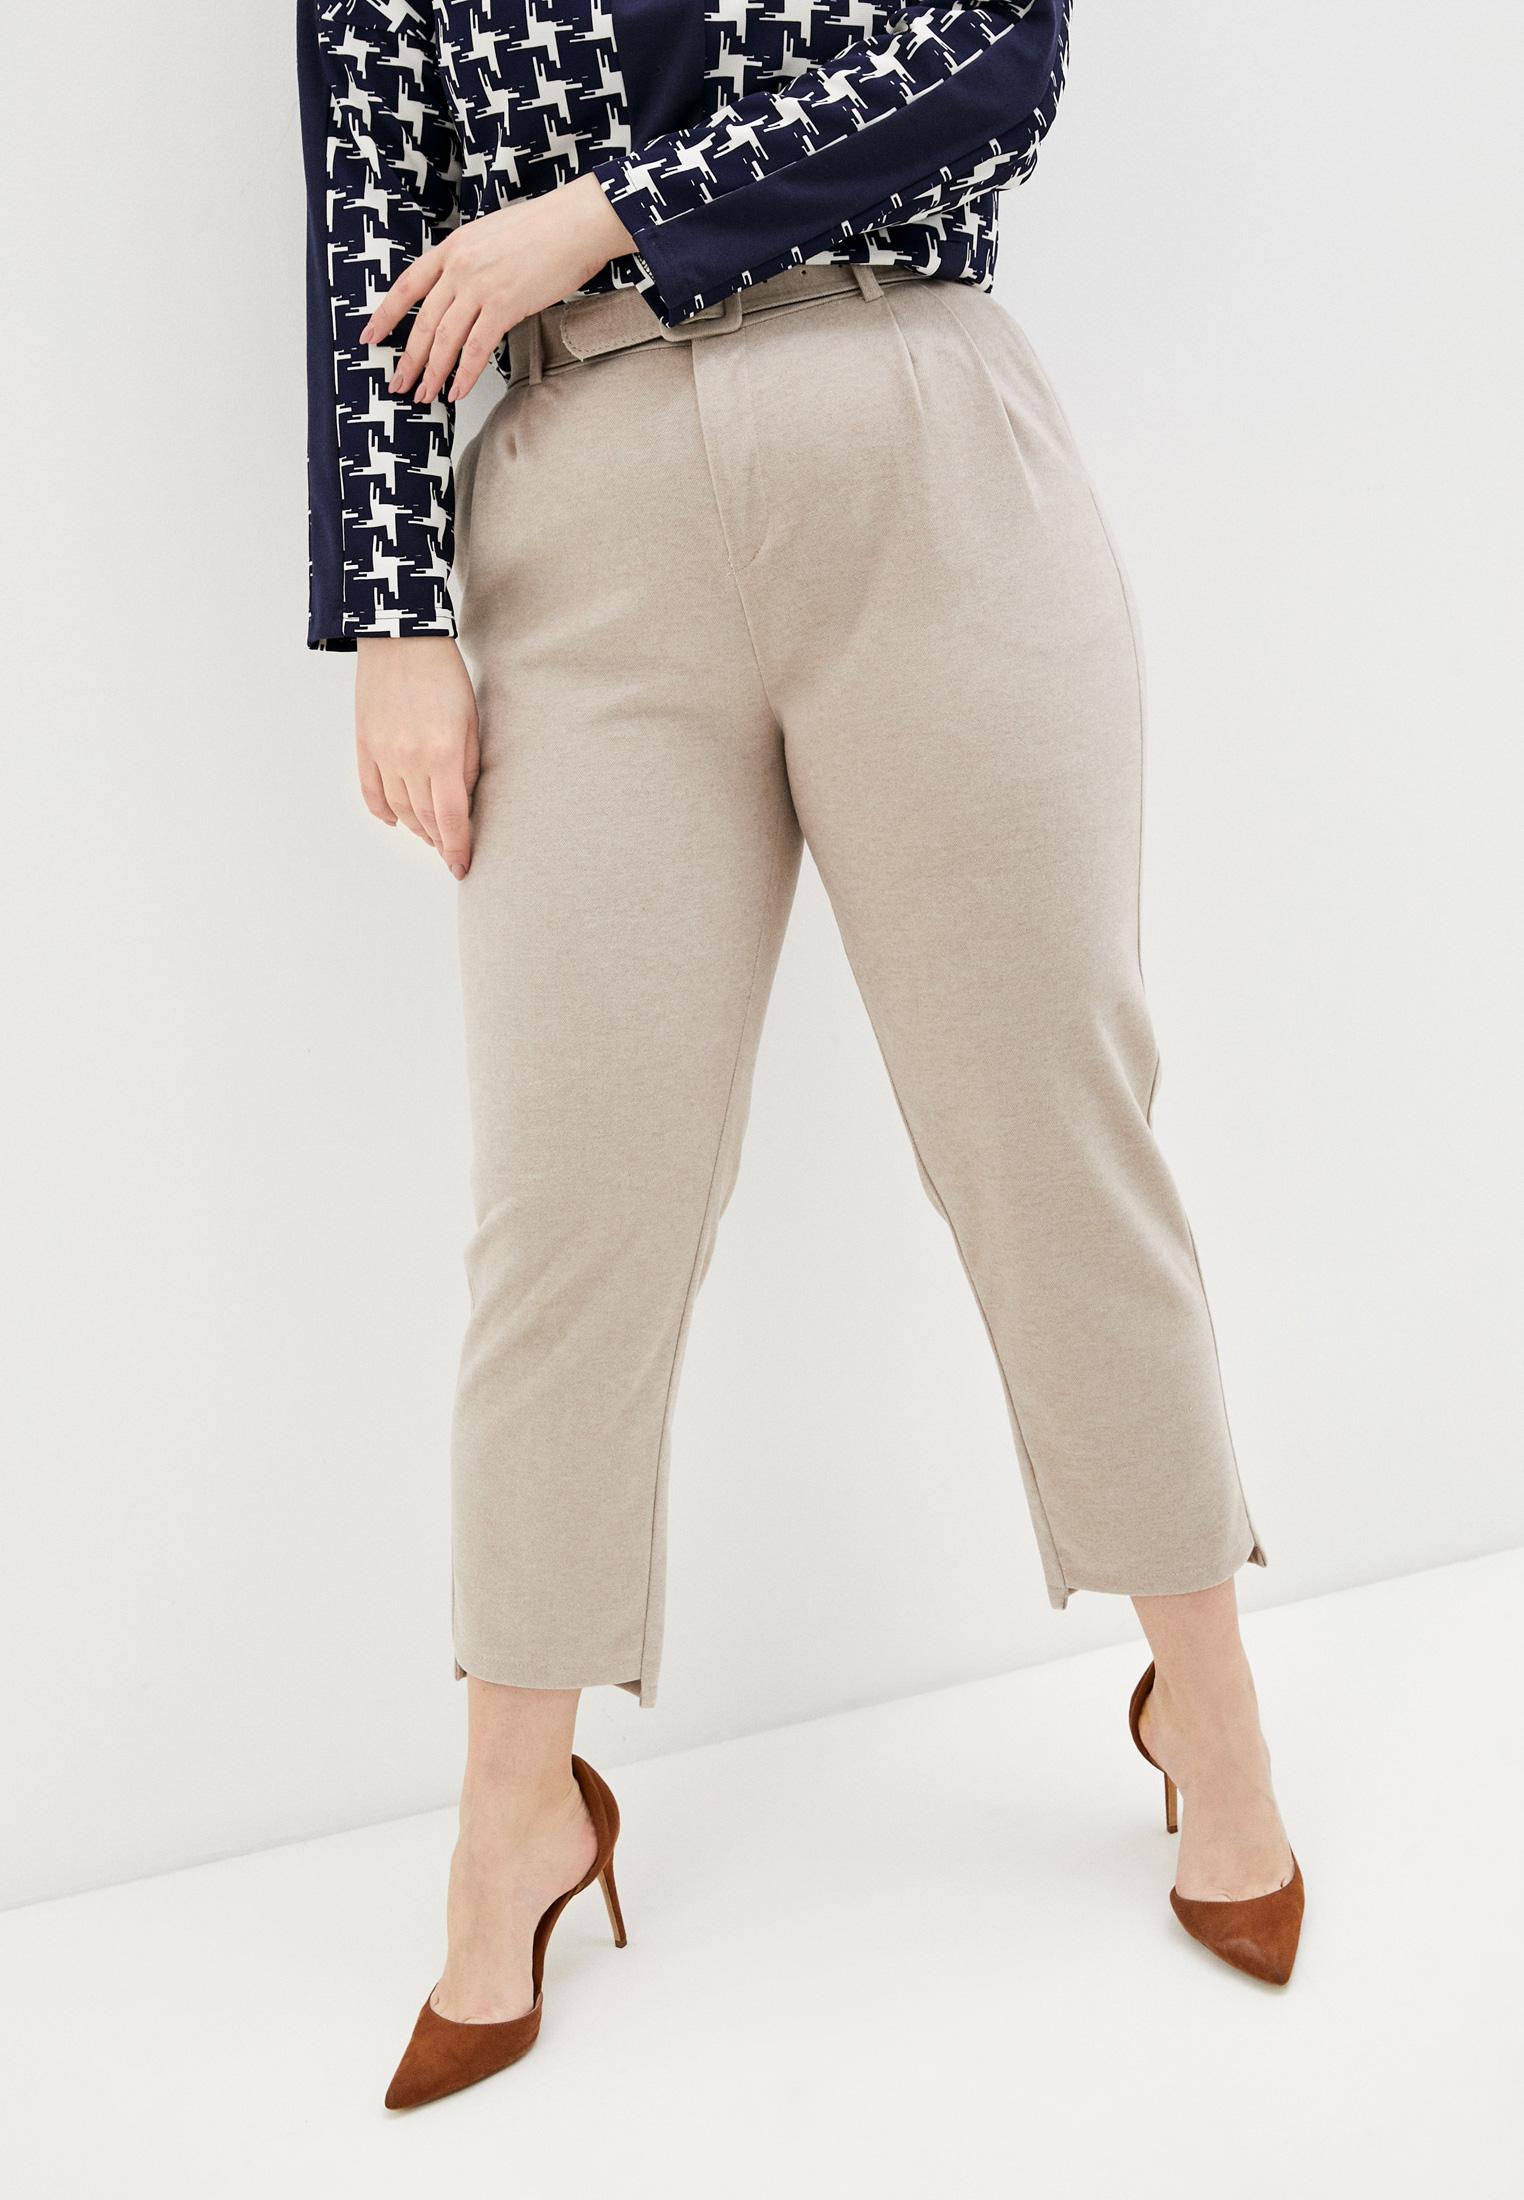 Женские зауженные брюки Chic de Femme Брюки Chic de Femme